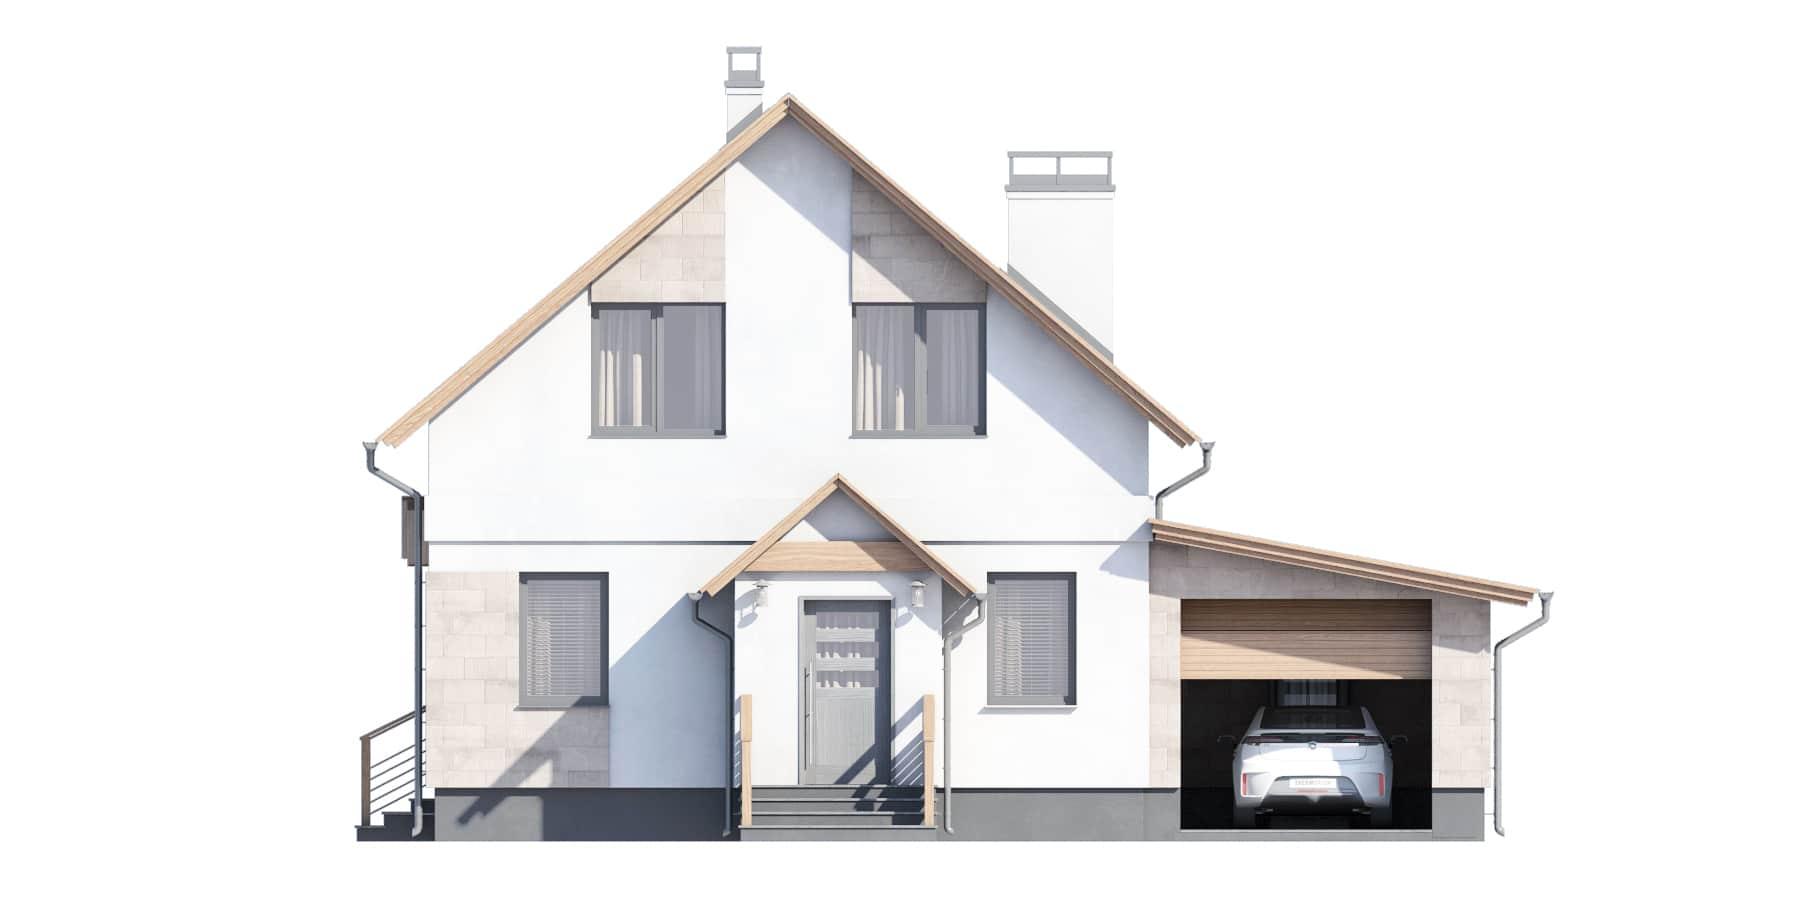 Фасад мансардного дома с гаражом и террасой «КМ-94» - спереди